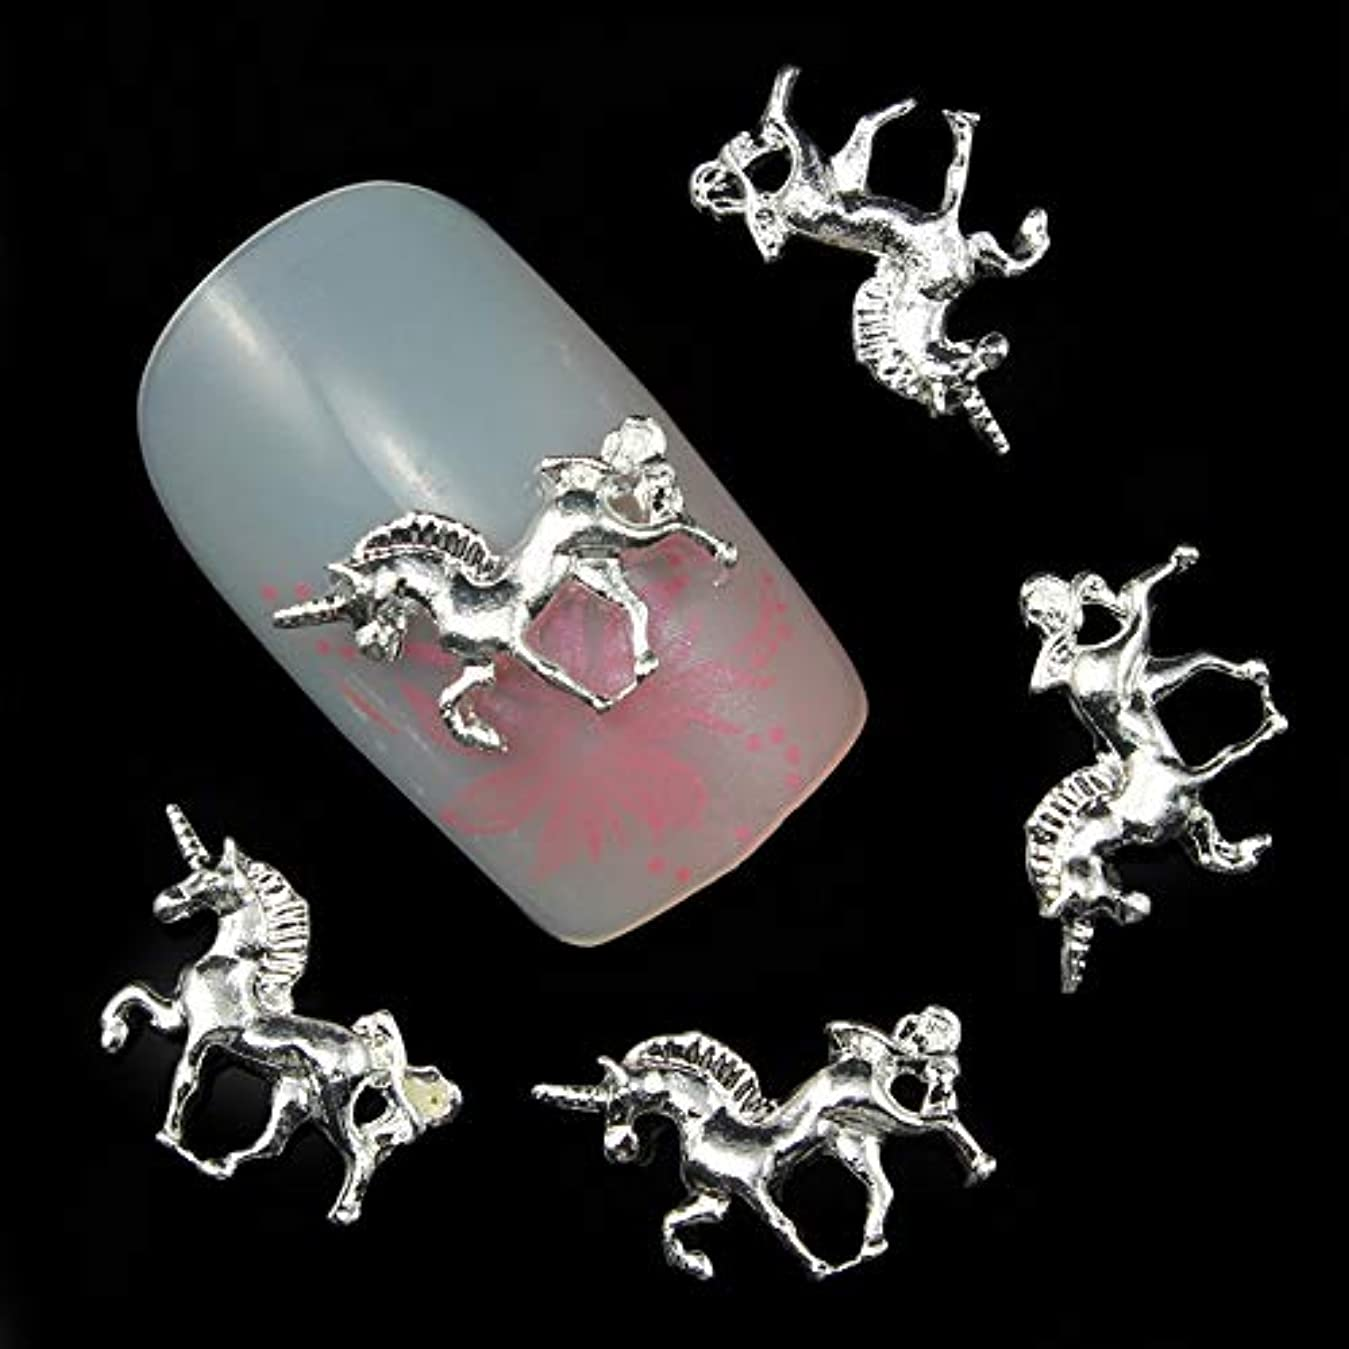 泣くほのめかす外交問題マニキュア爪アクセサリーのための10pcs 3D銀合金馬の装飾接着ラインストーンネイルアート